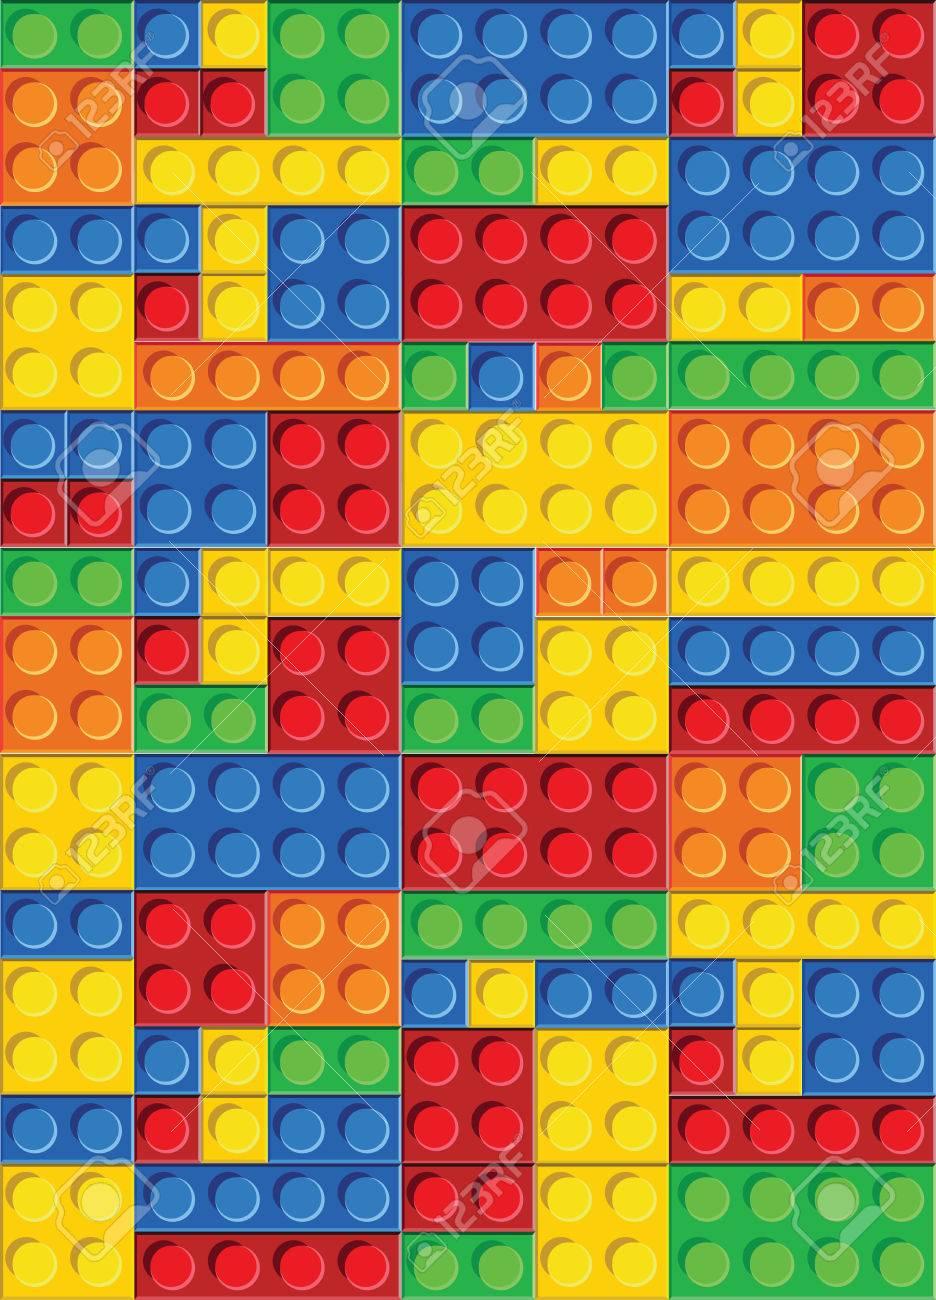 perfekte nahtlose vektor-muster von kunststoff-teile. die farben